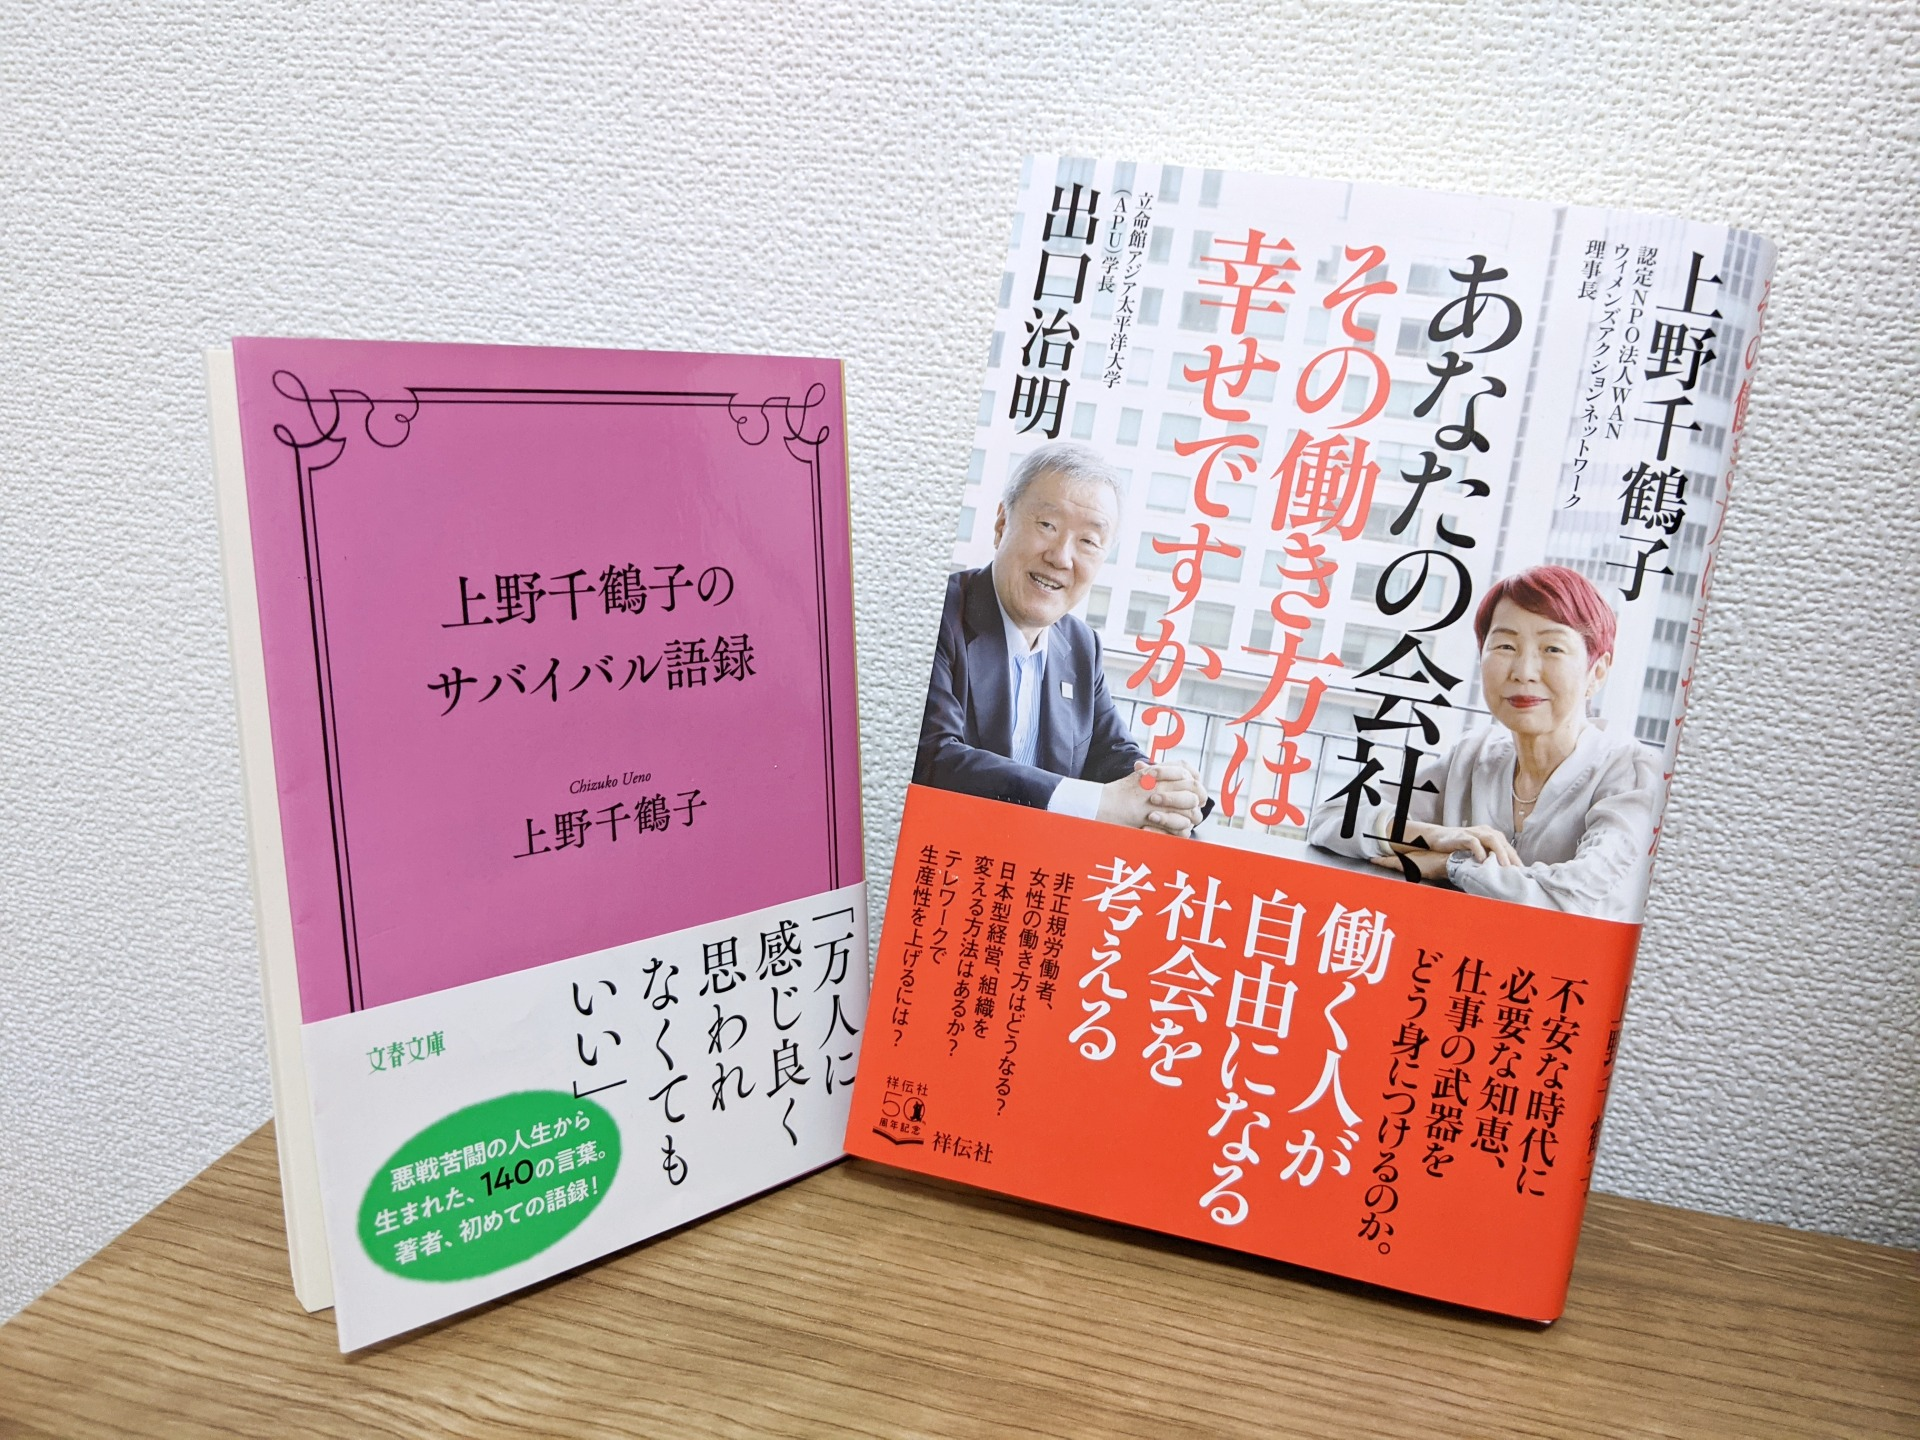 上野千鶴子さん「我慢しないこと、組織で孤立しないこと。女性が幸せに生きるため、大事な2要素」